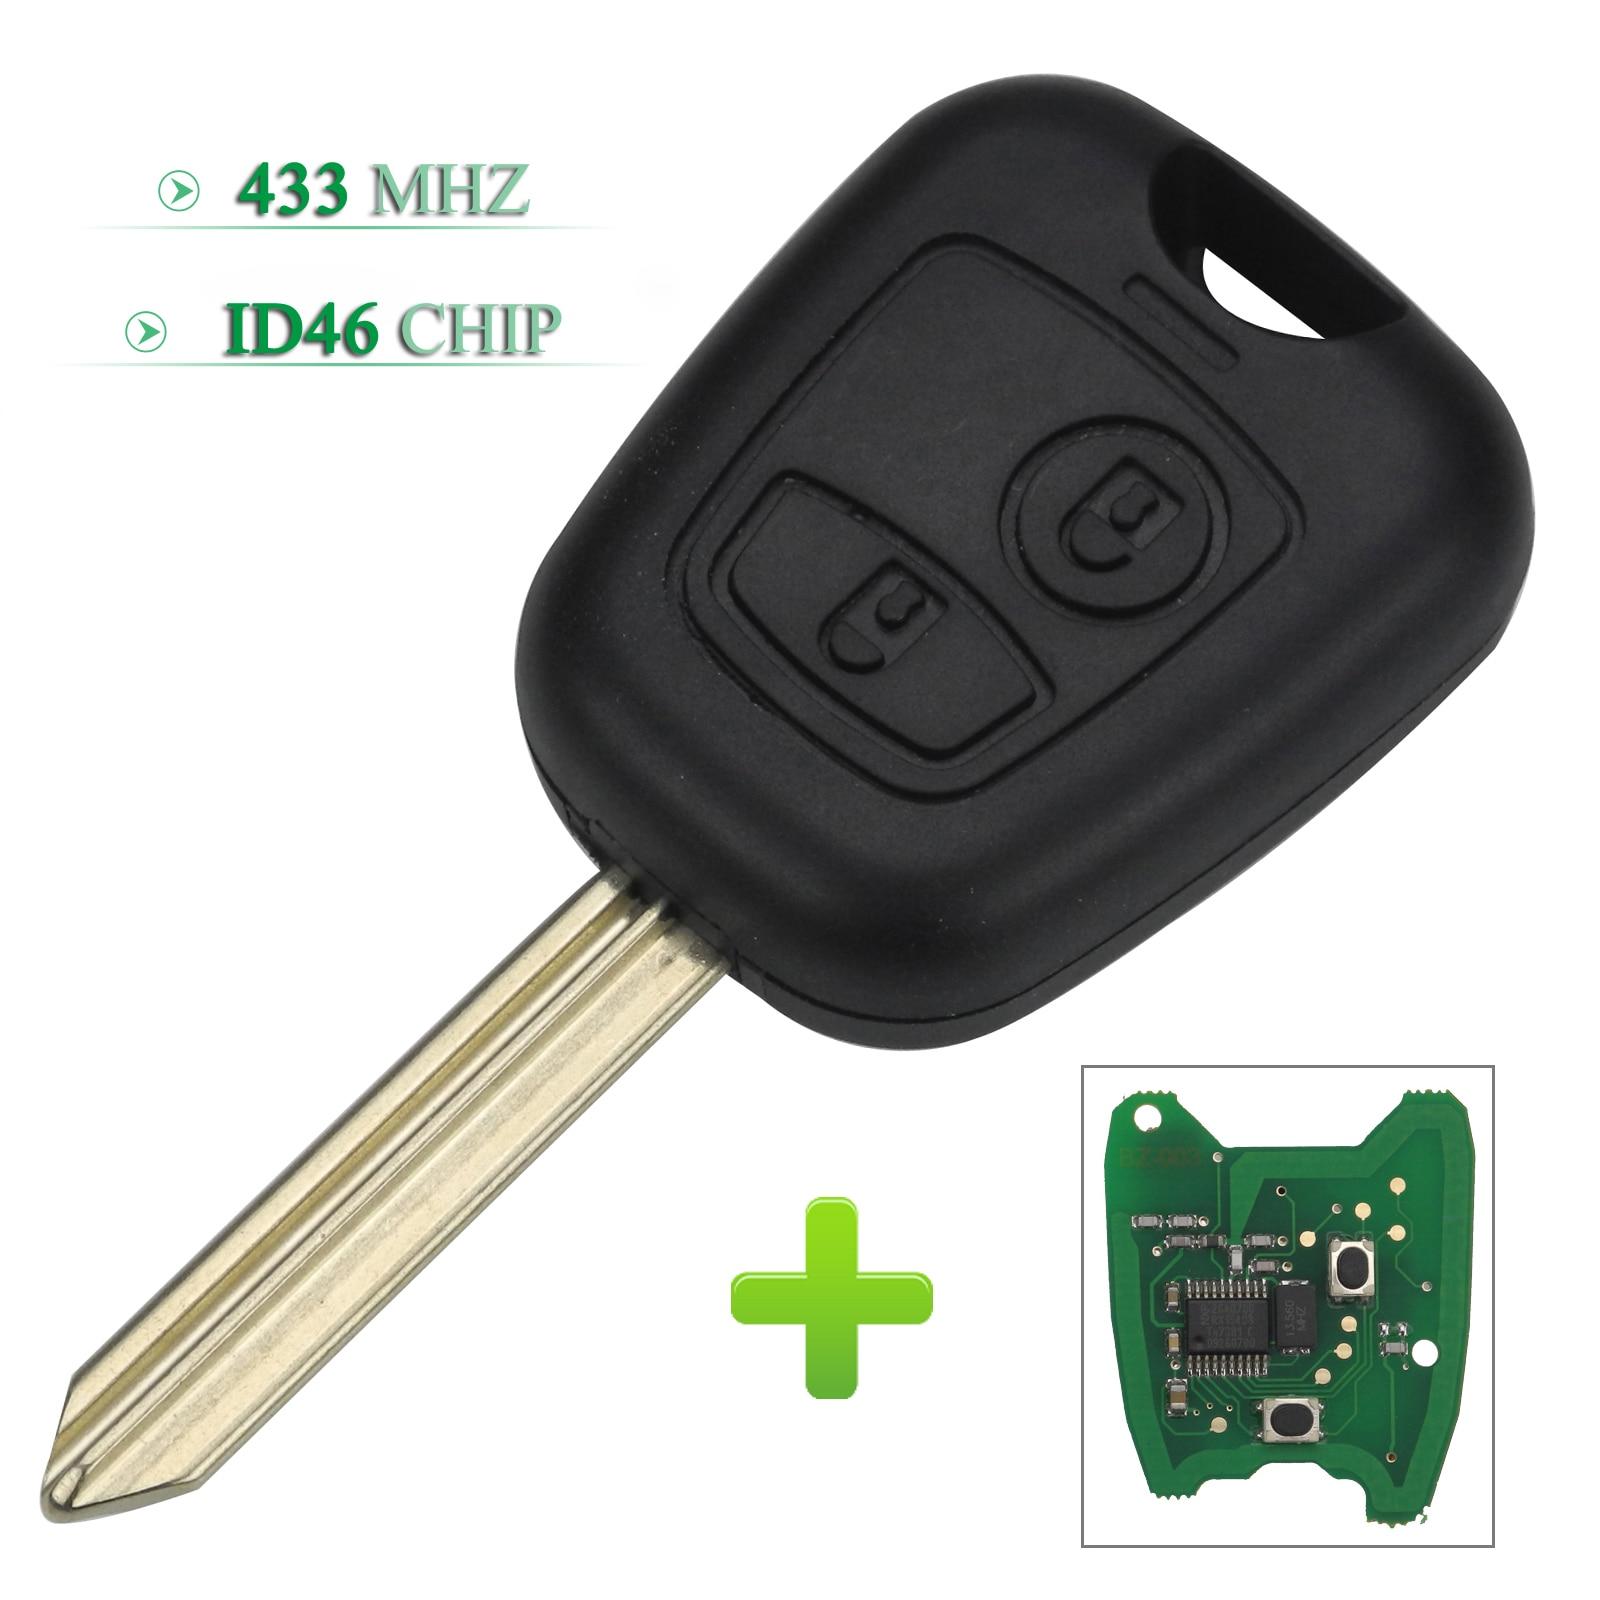 Bilchave 2 кнопки 433 МГц ID46 чип пульт дистанционного управления автомобильный брелок для Citroen Saxo Picasso Xsara Berlingo с SX9 Uncut Blade